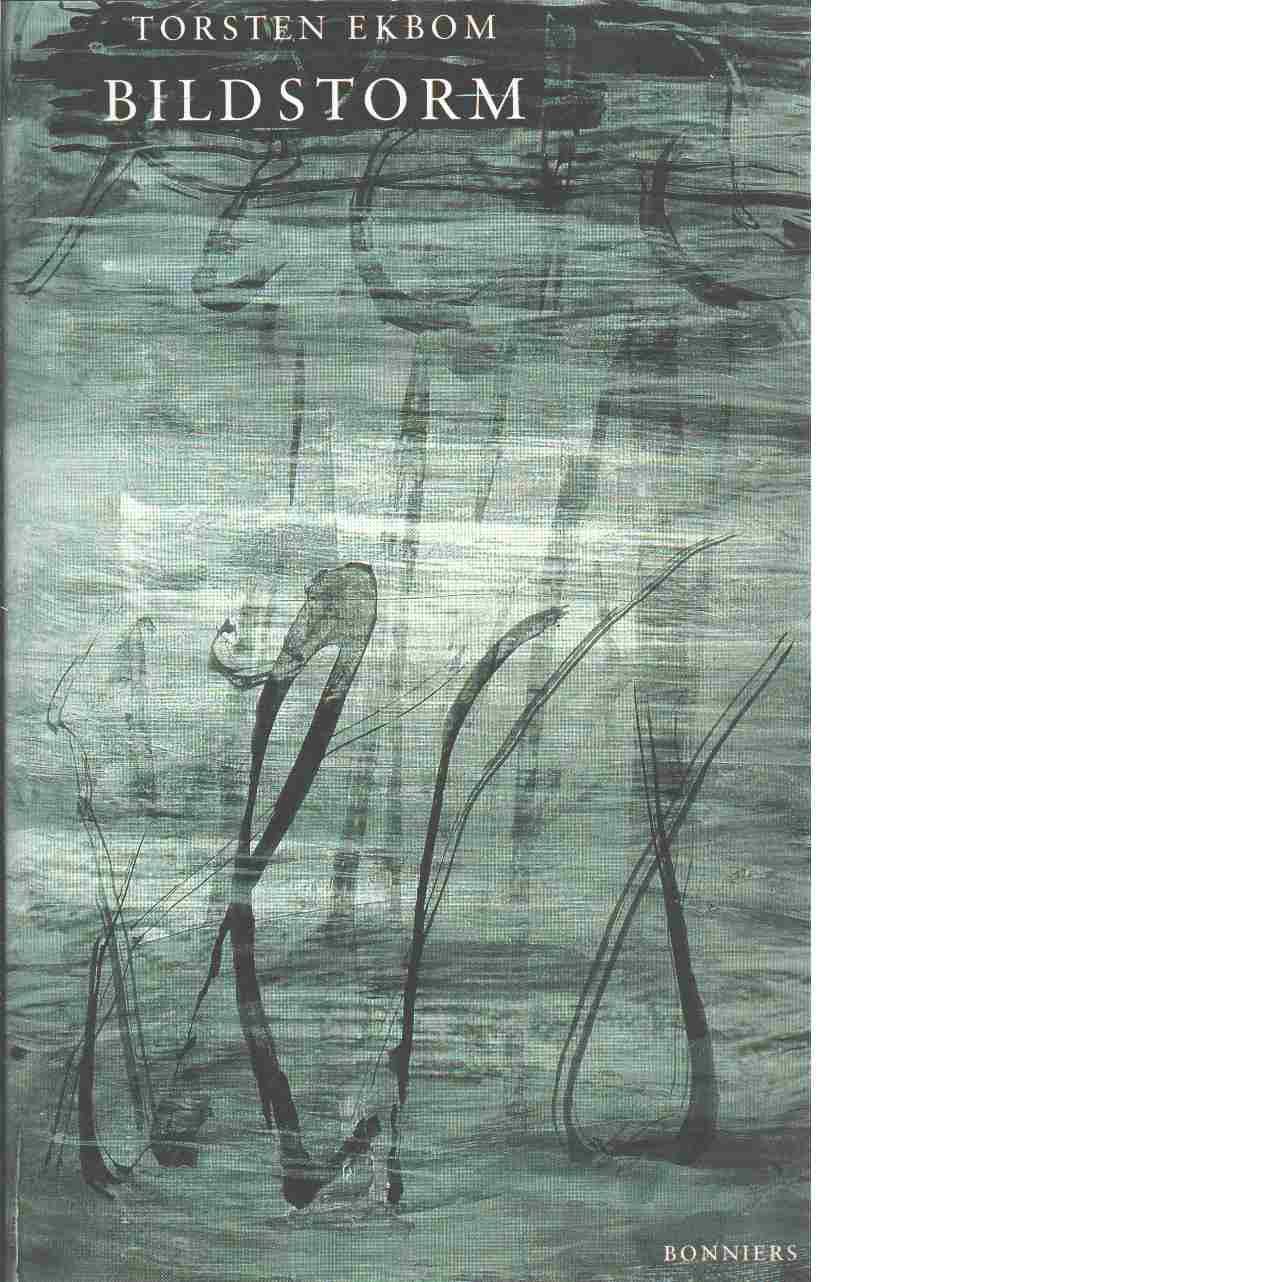 Bildstorm - Ekbom, Torsten